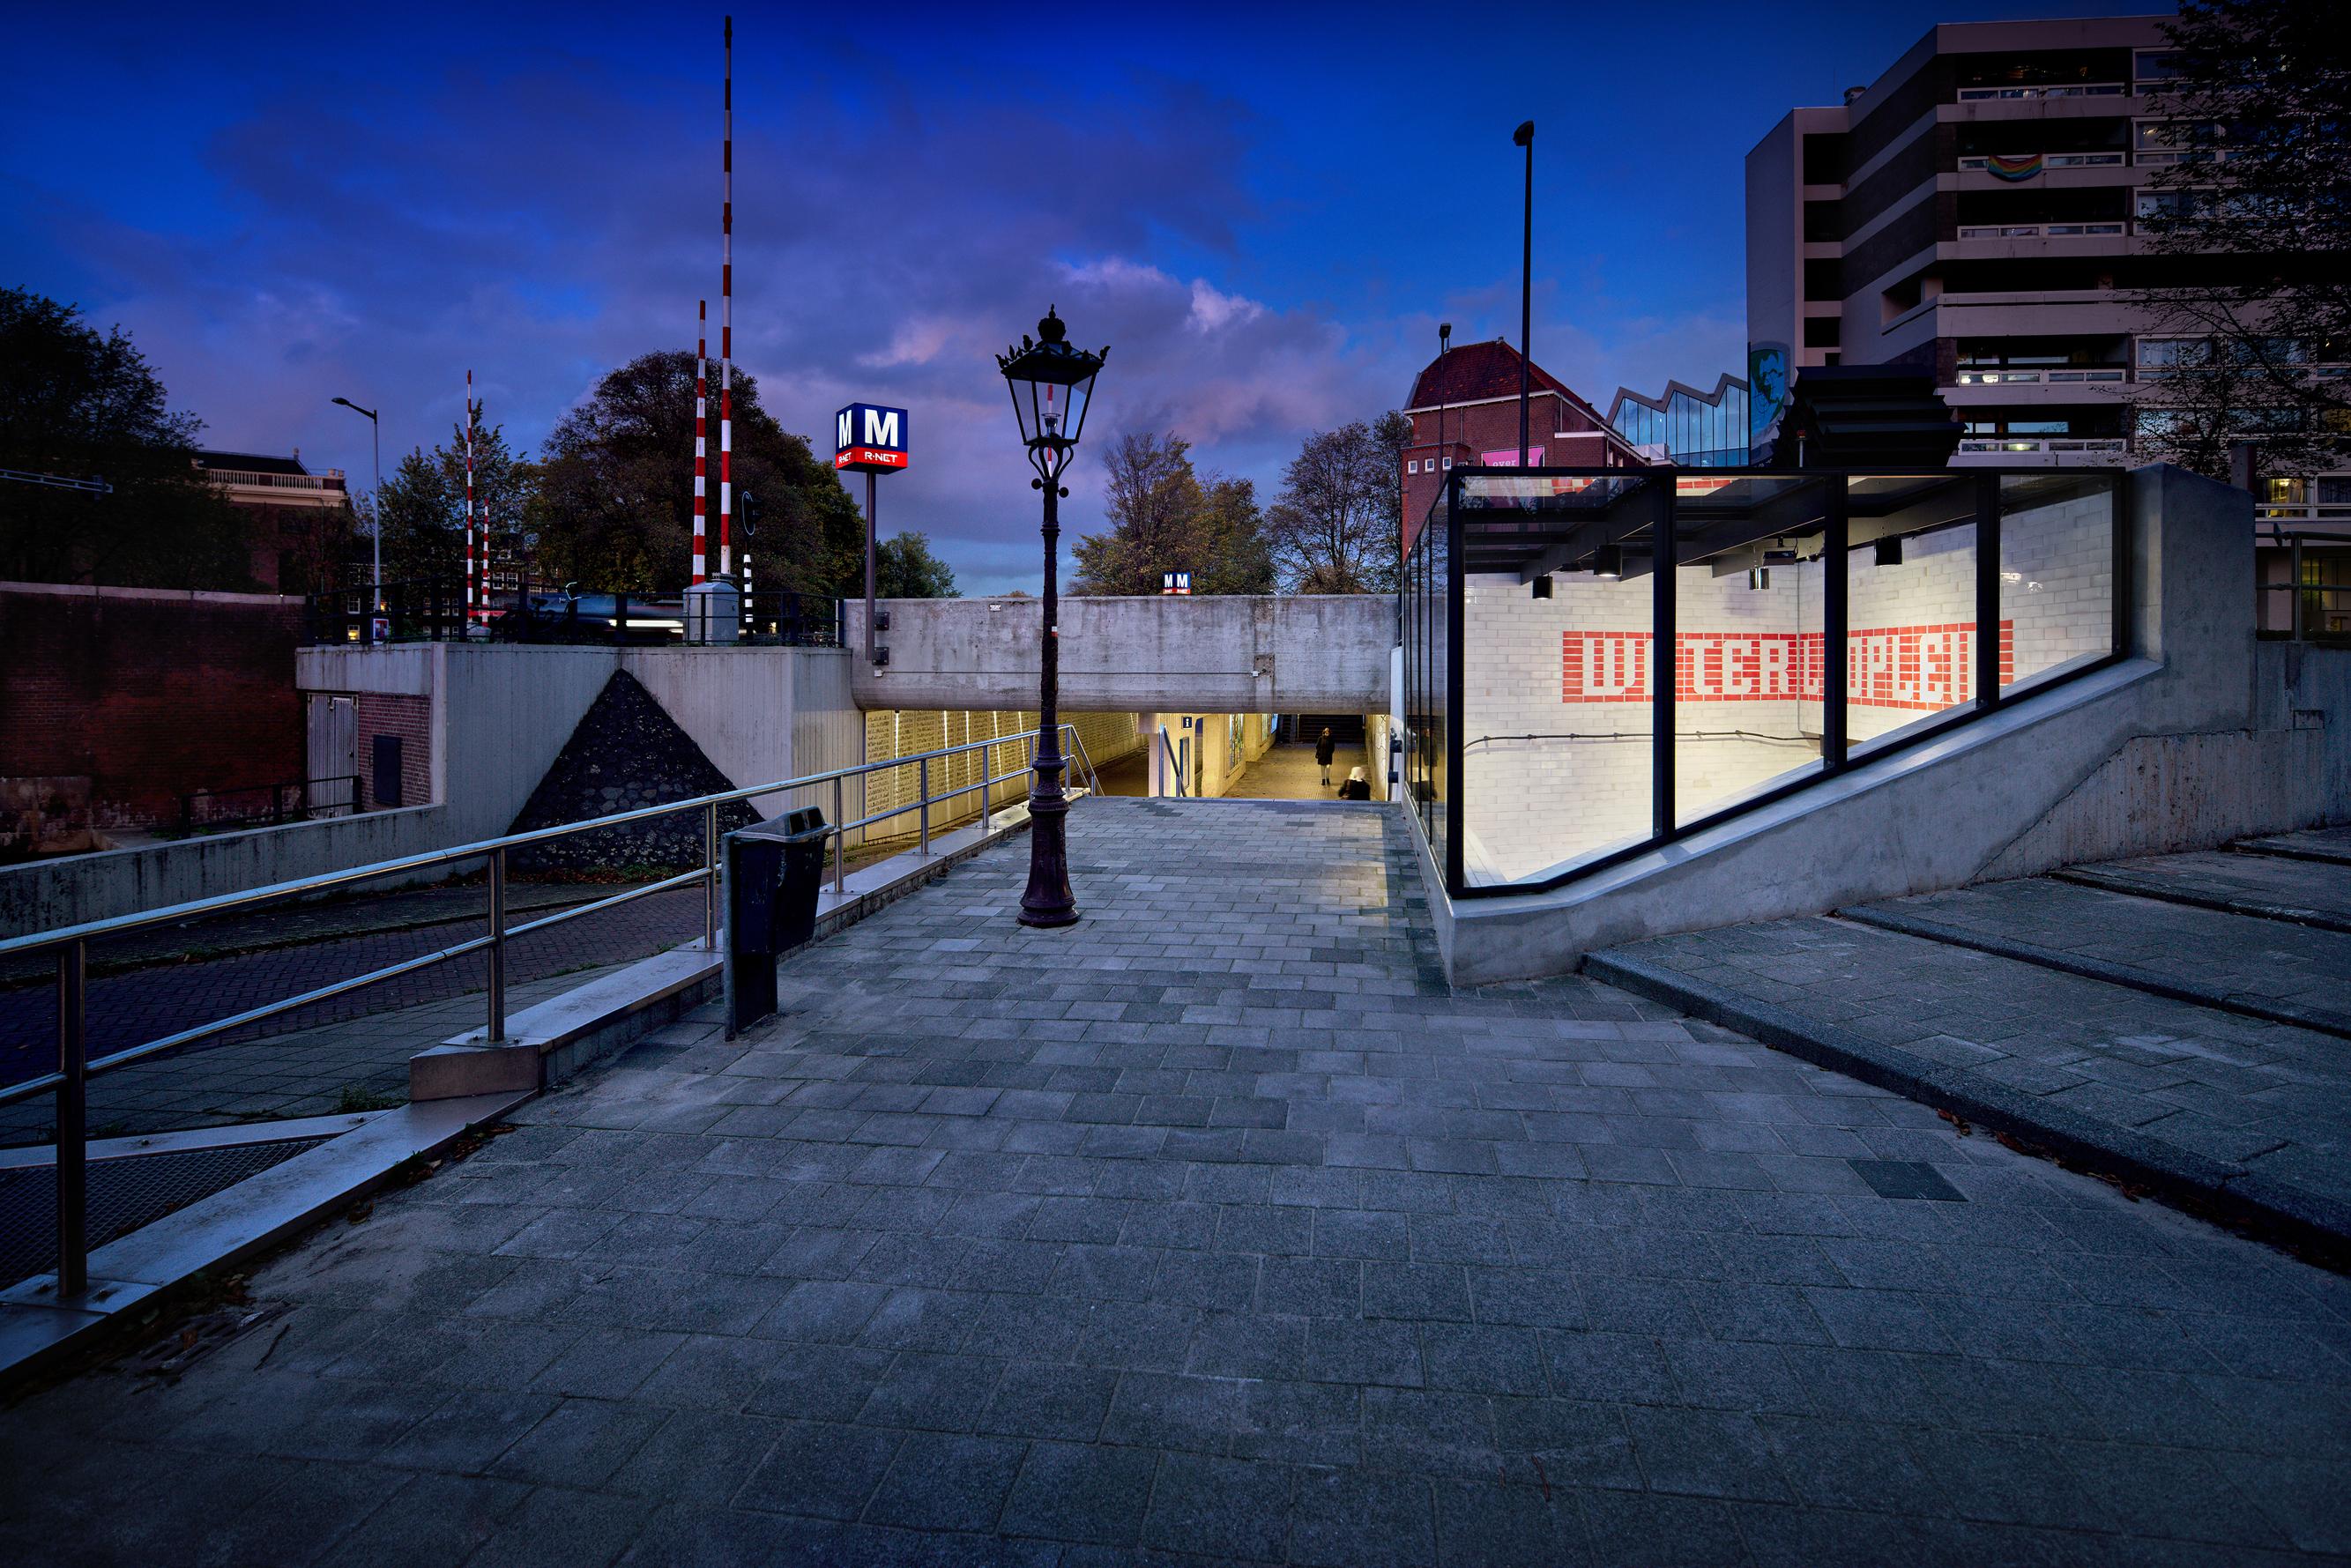 <p>Station Waterlooplein fotograaf: Digidaan </p>